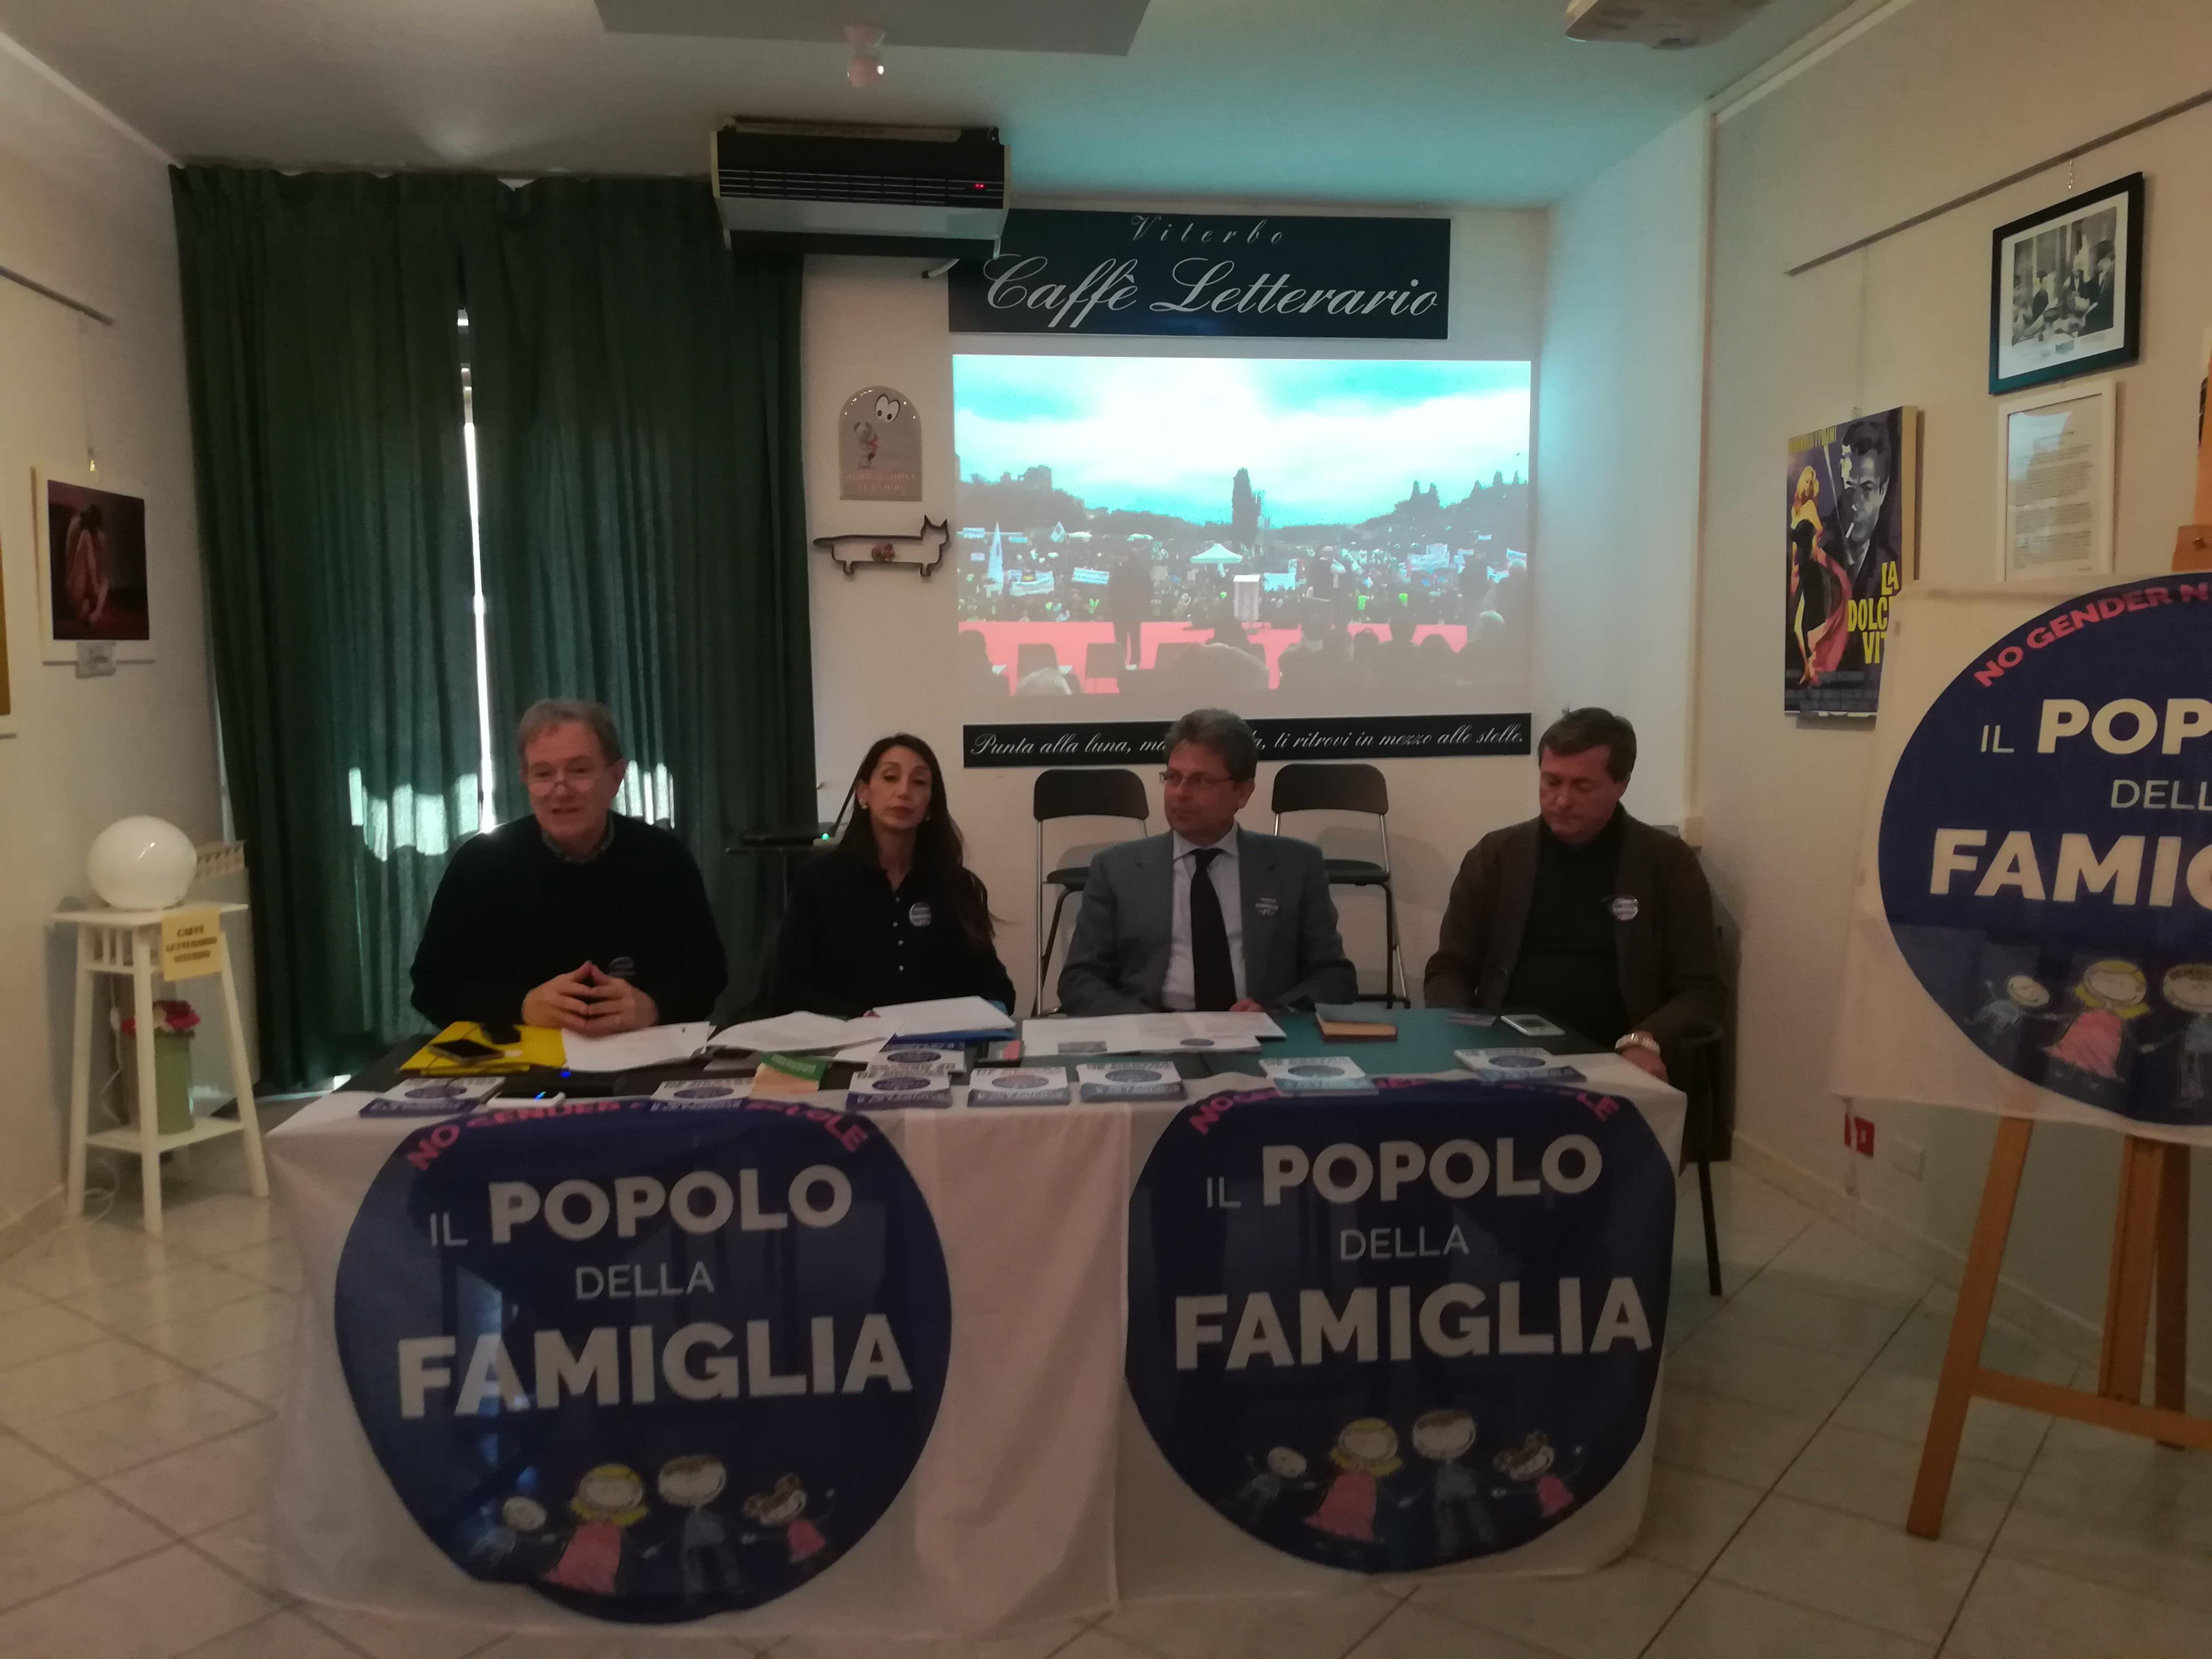 """Verso le politiche: """"Siamo con i bambini, gli anziani e le donne"""", incontro con Guido Pianeselli de """"Il Popolo della Famiglia"""""""